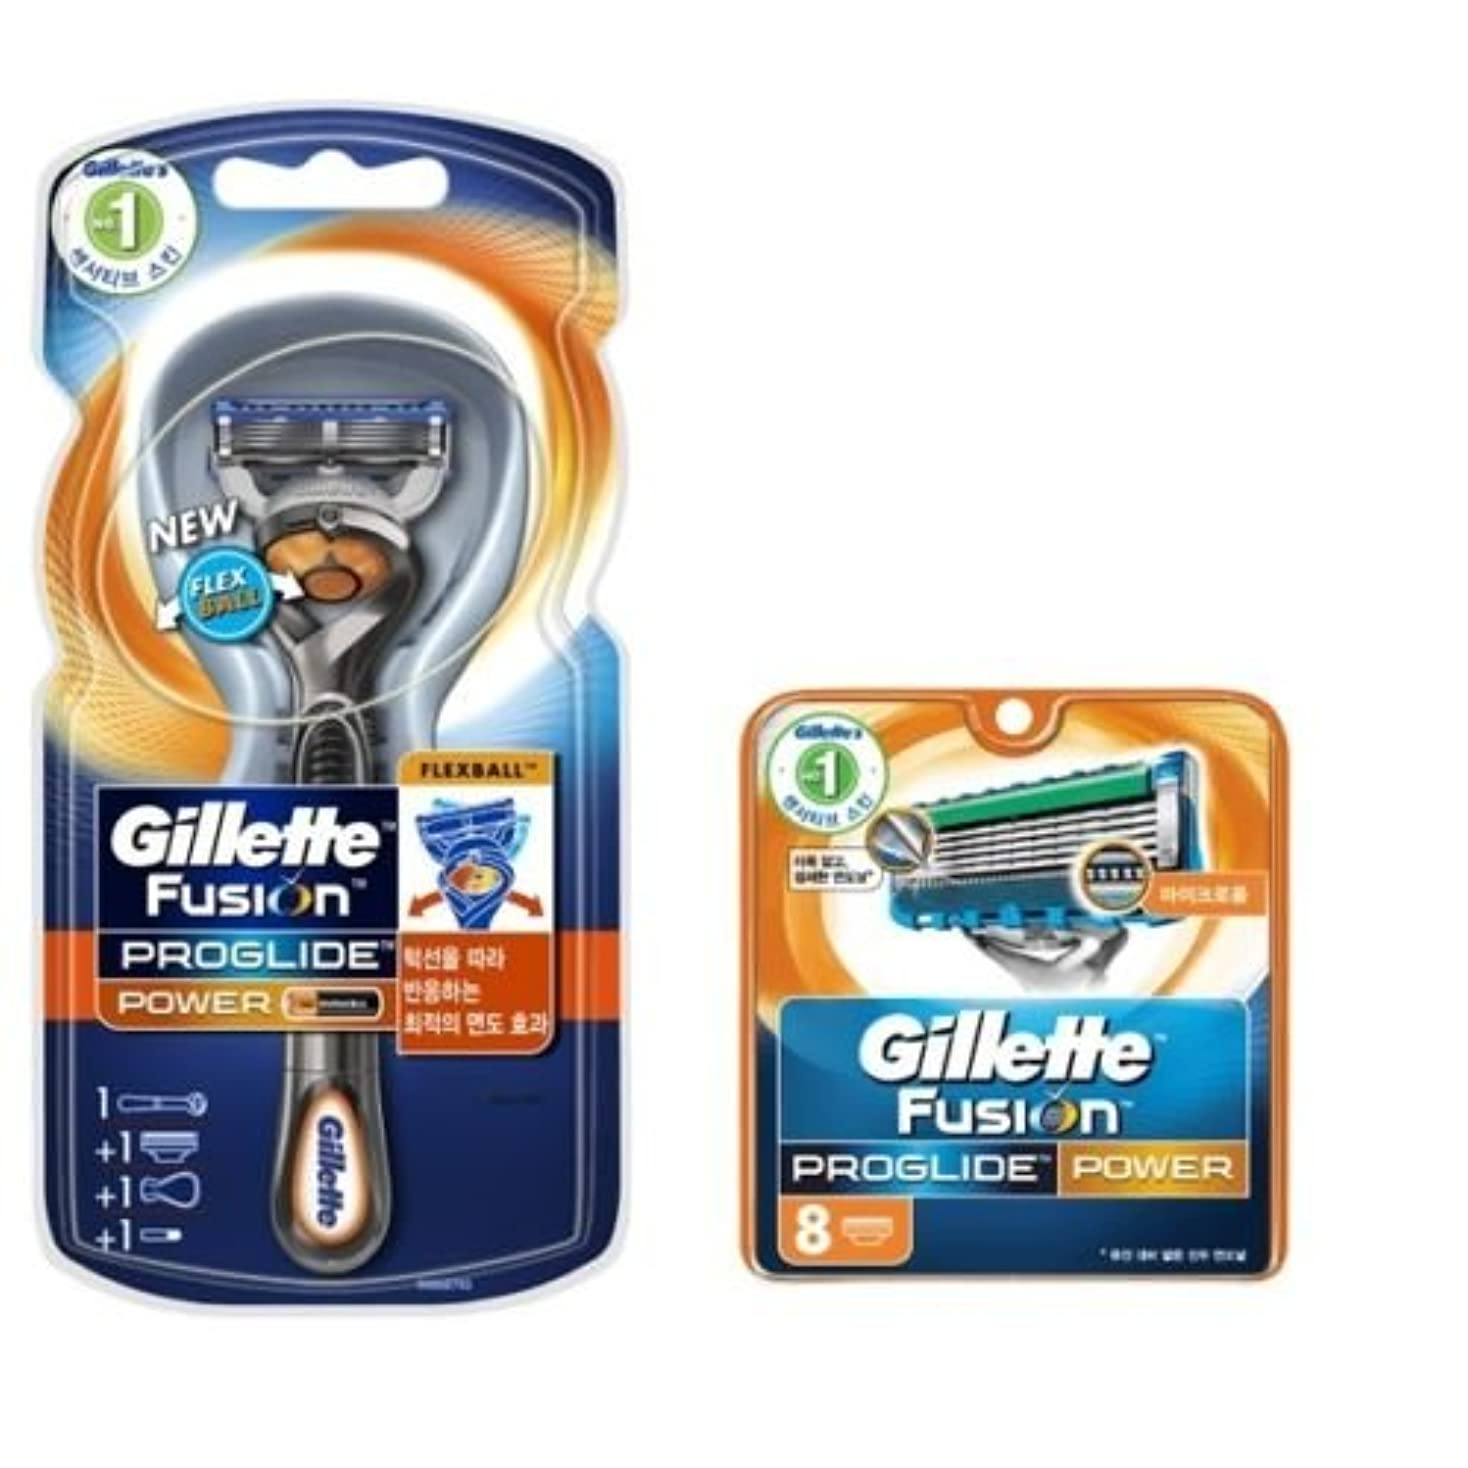 シソーラス担当者ボートGillette Fusion Proglide Flexball Power Men's 1 剃刀 9 かみそりの刃 [並行輸入品]